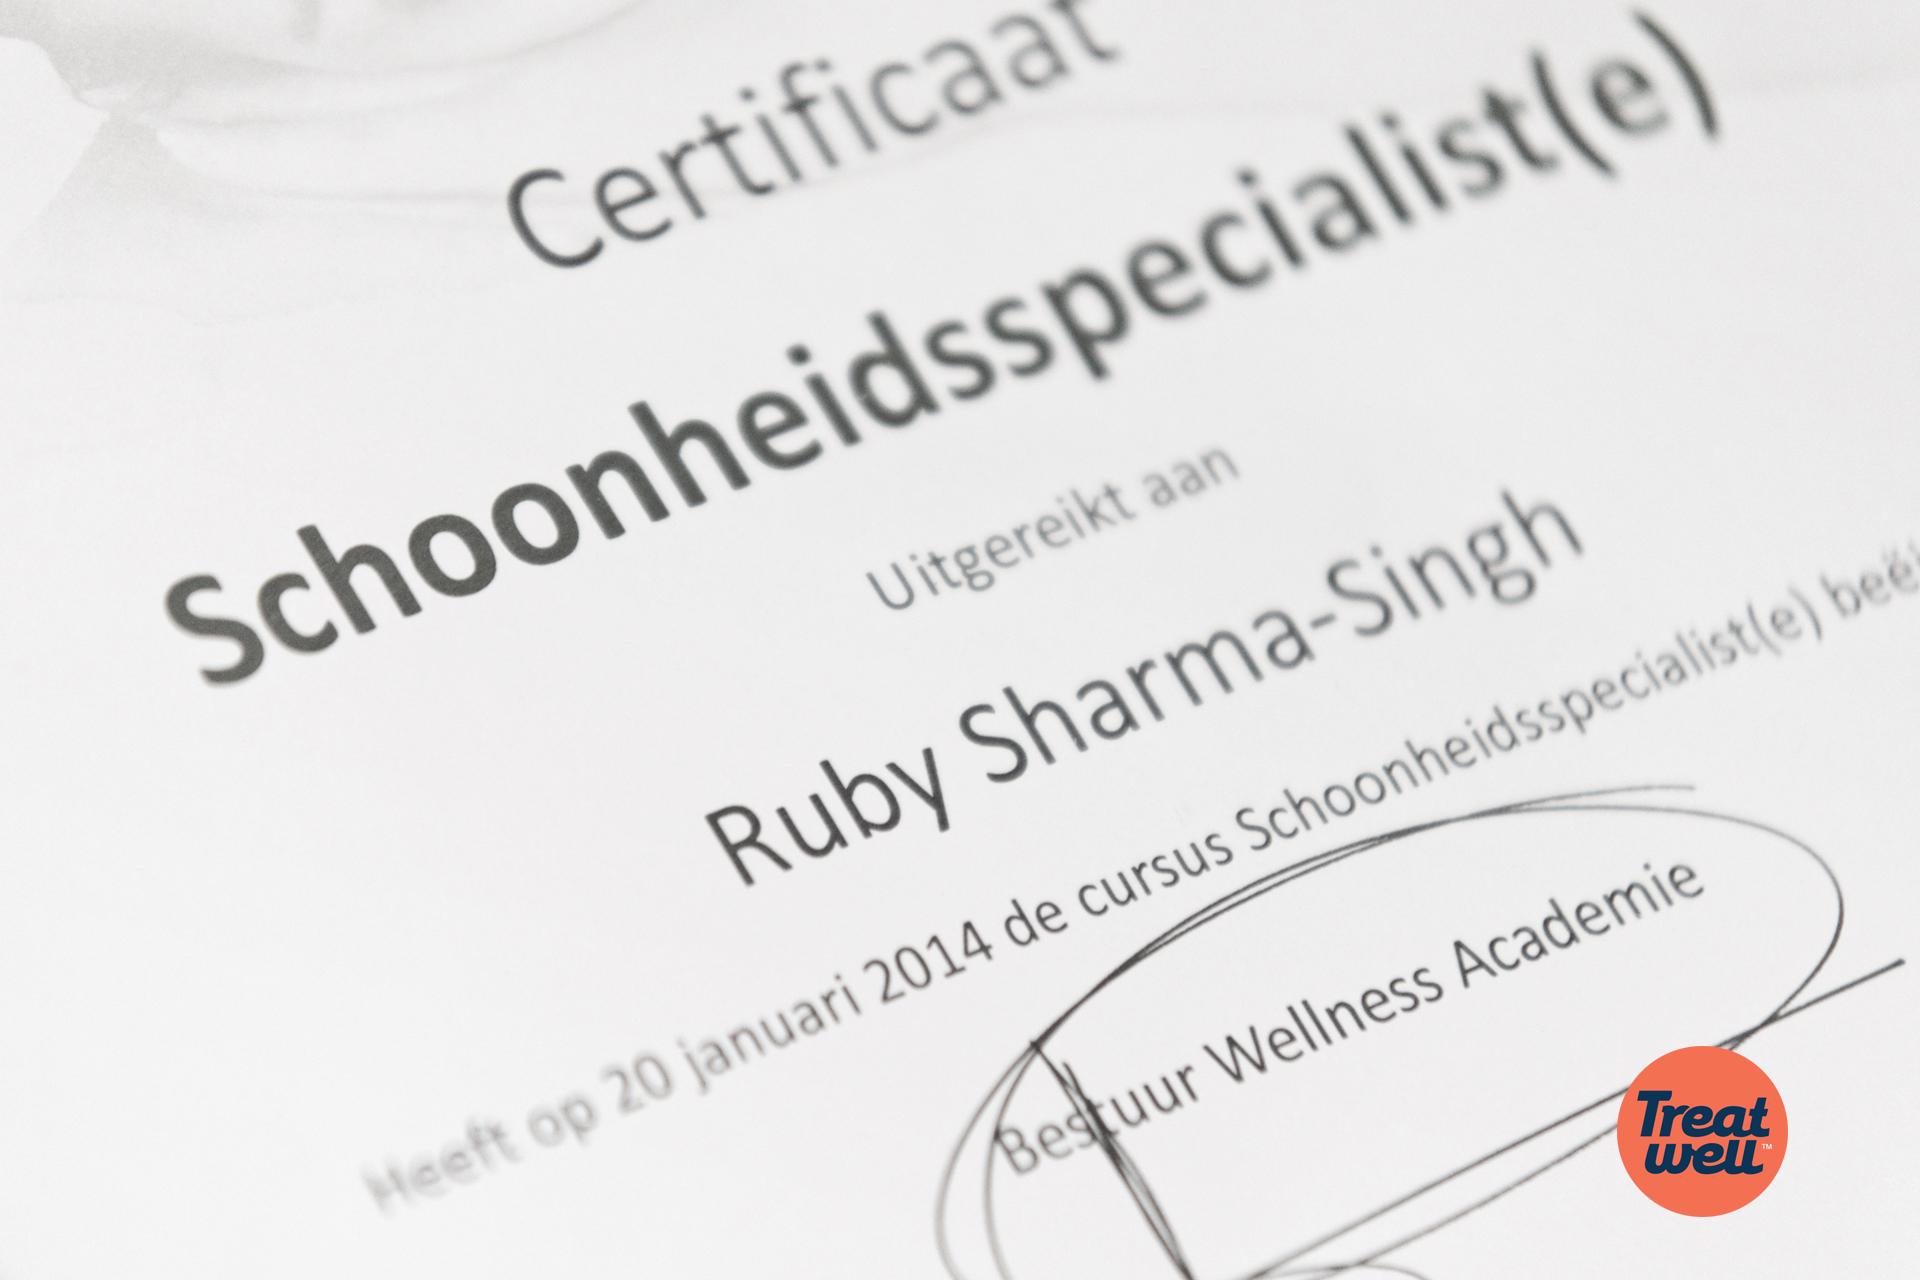 Certificaat Schoonheidsspecialiste